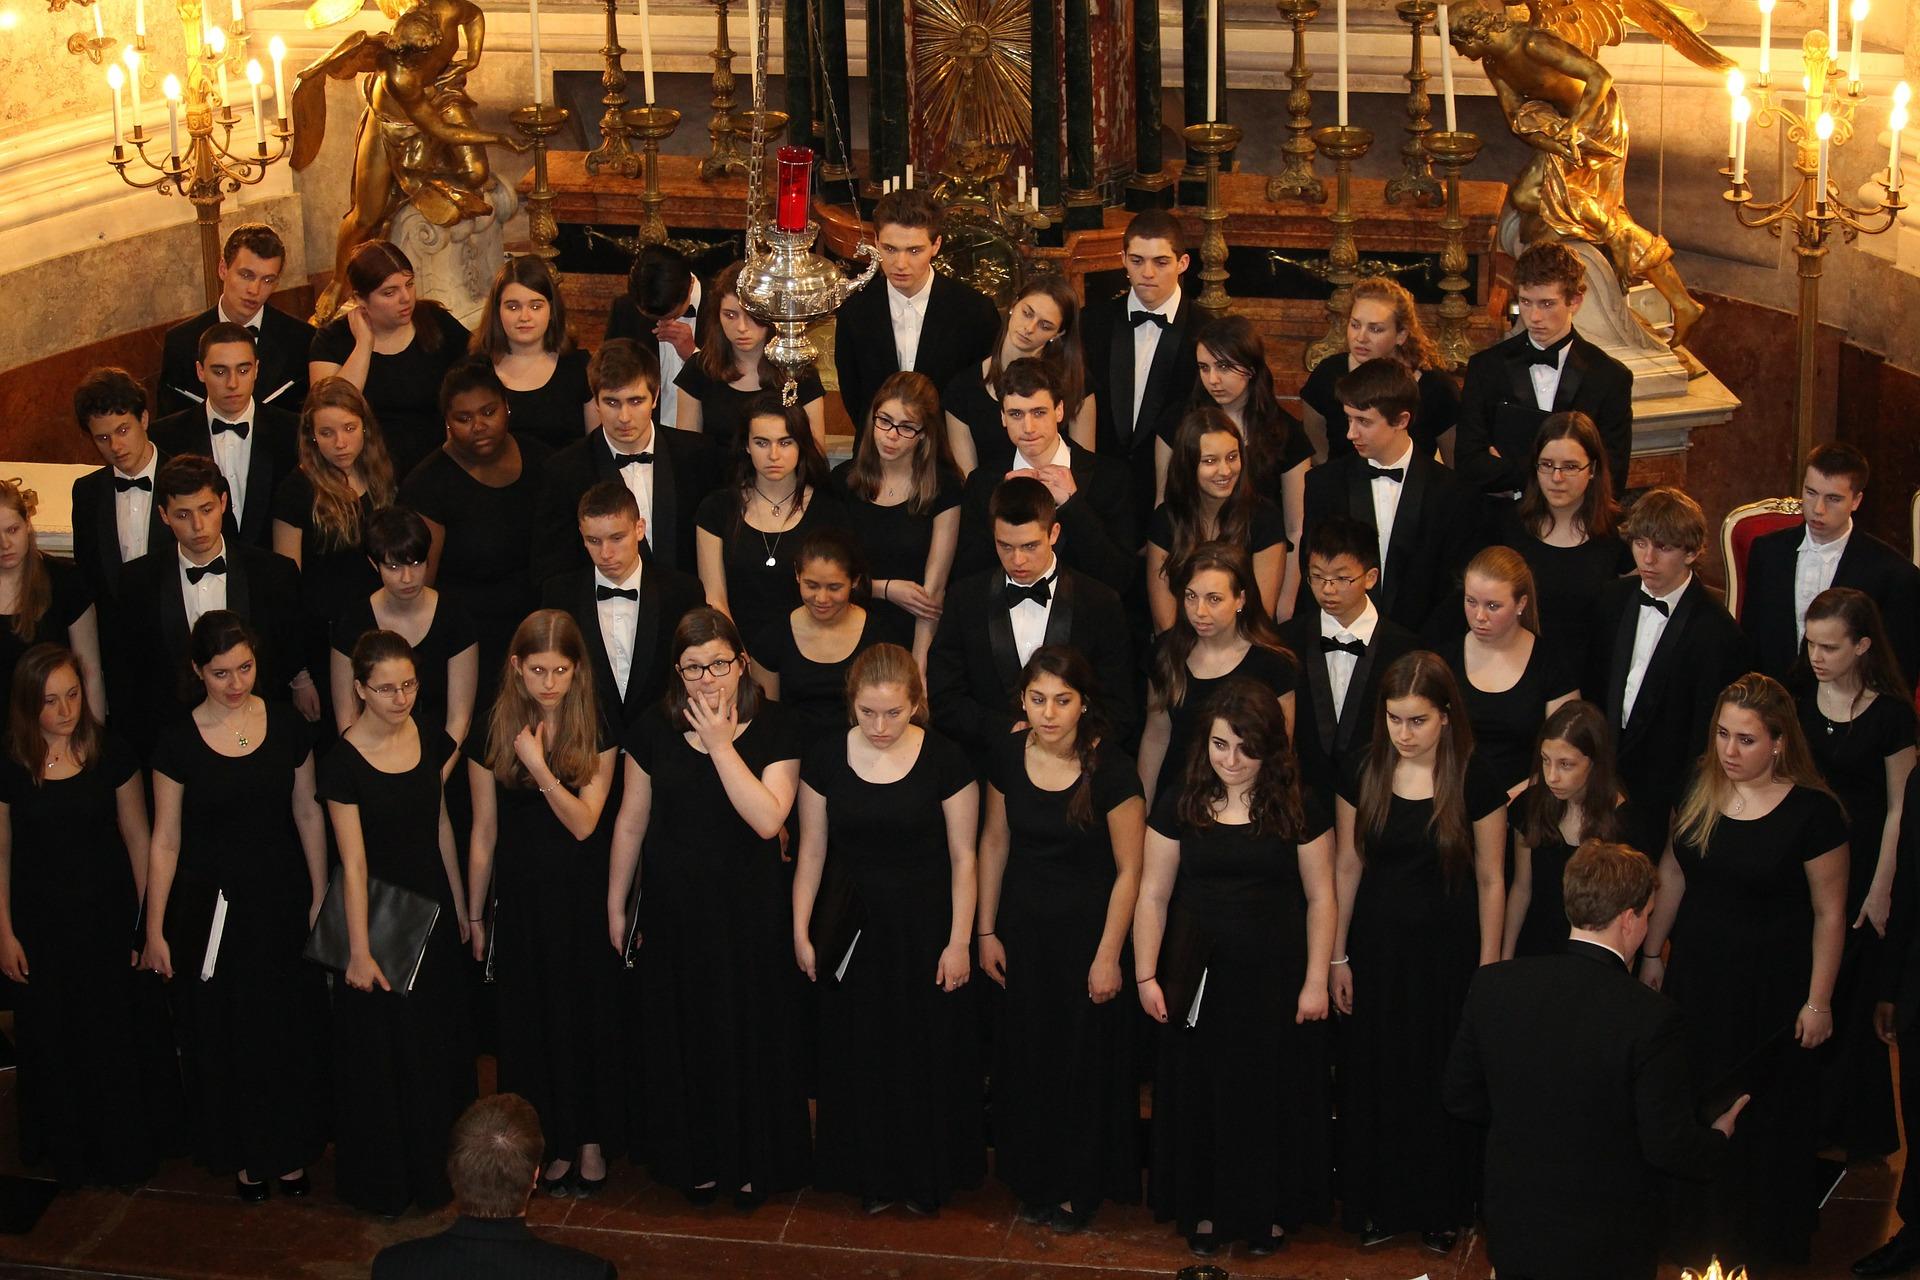 choir-458173_1920-intmurr